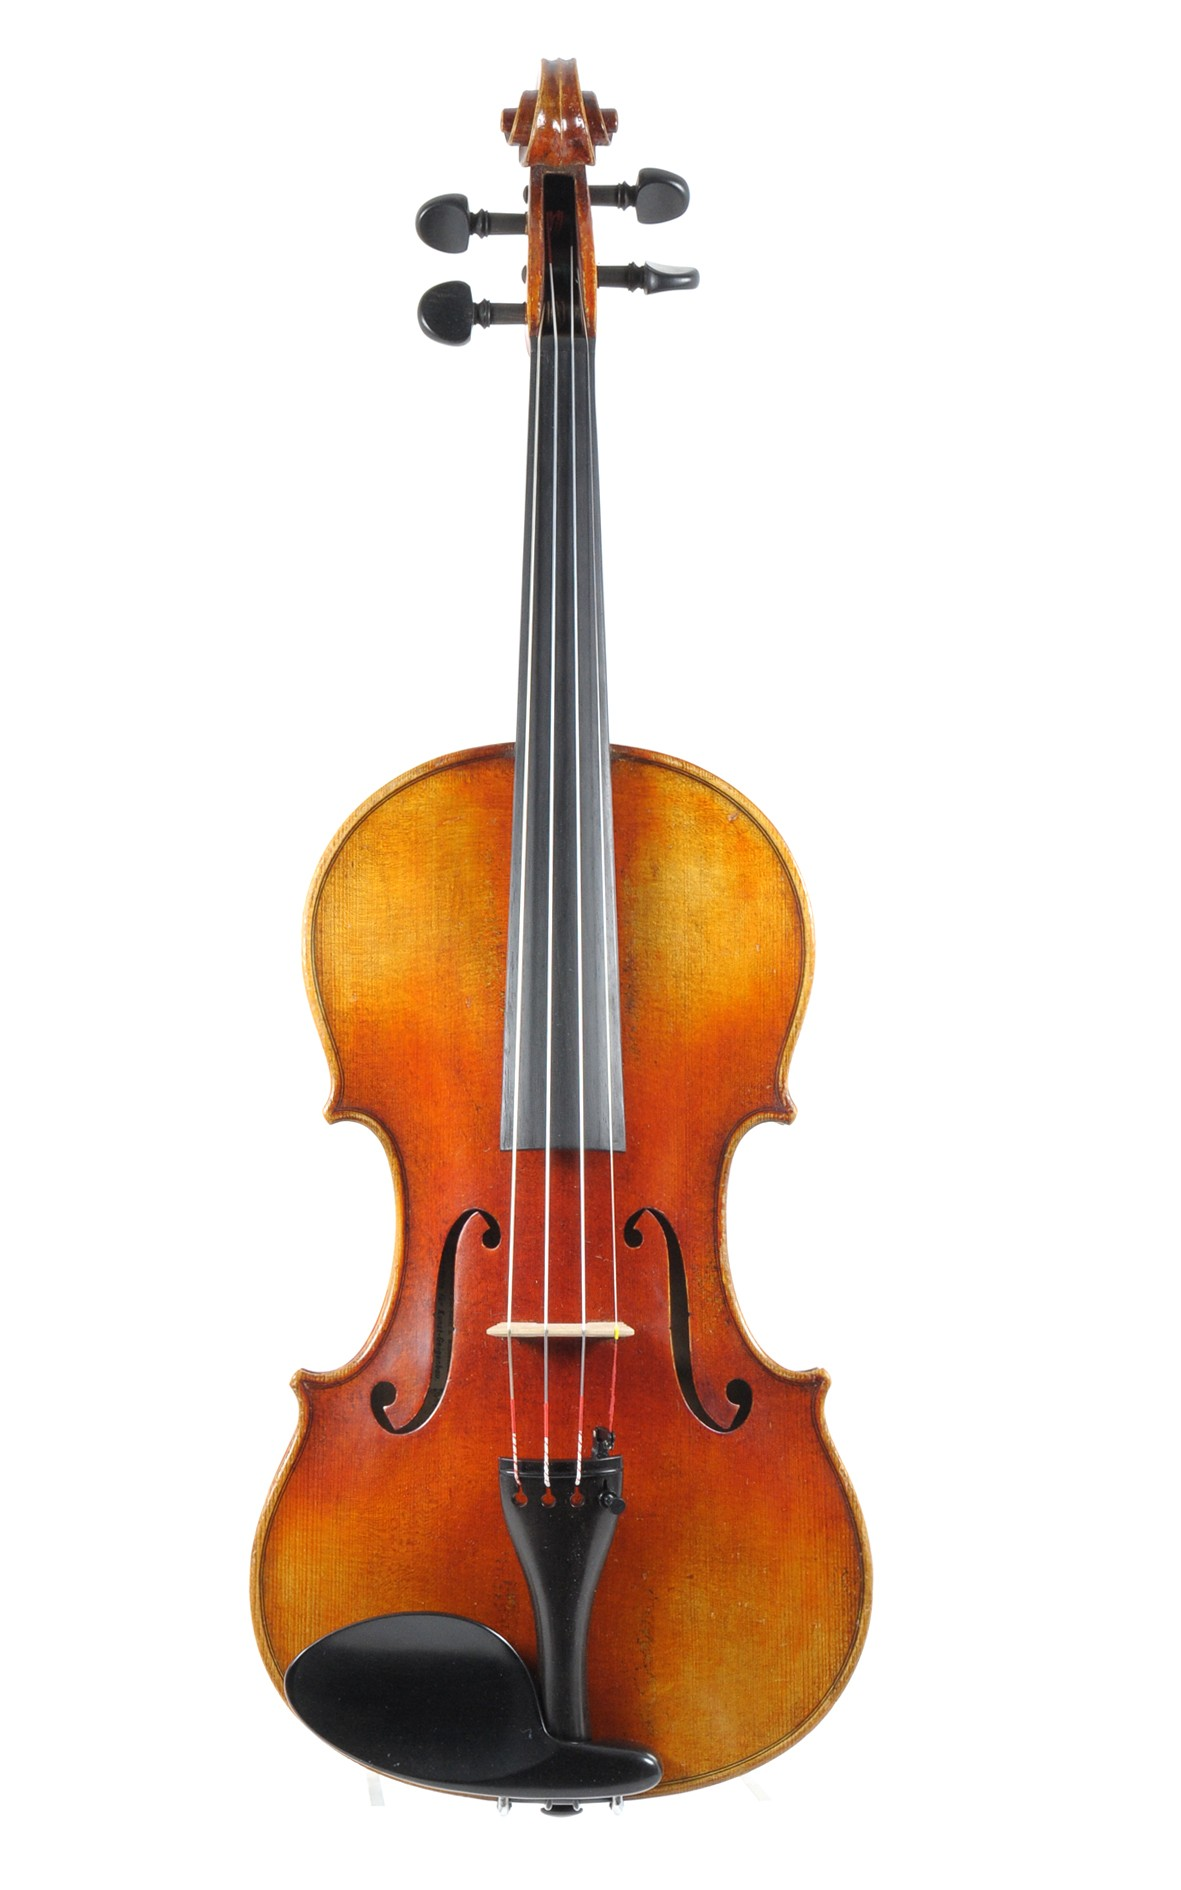 Violin after Guarneri, inventory of Eugen Gärtner